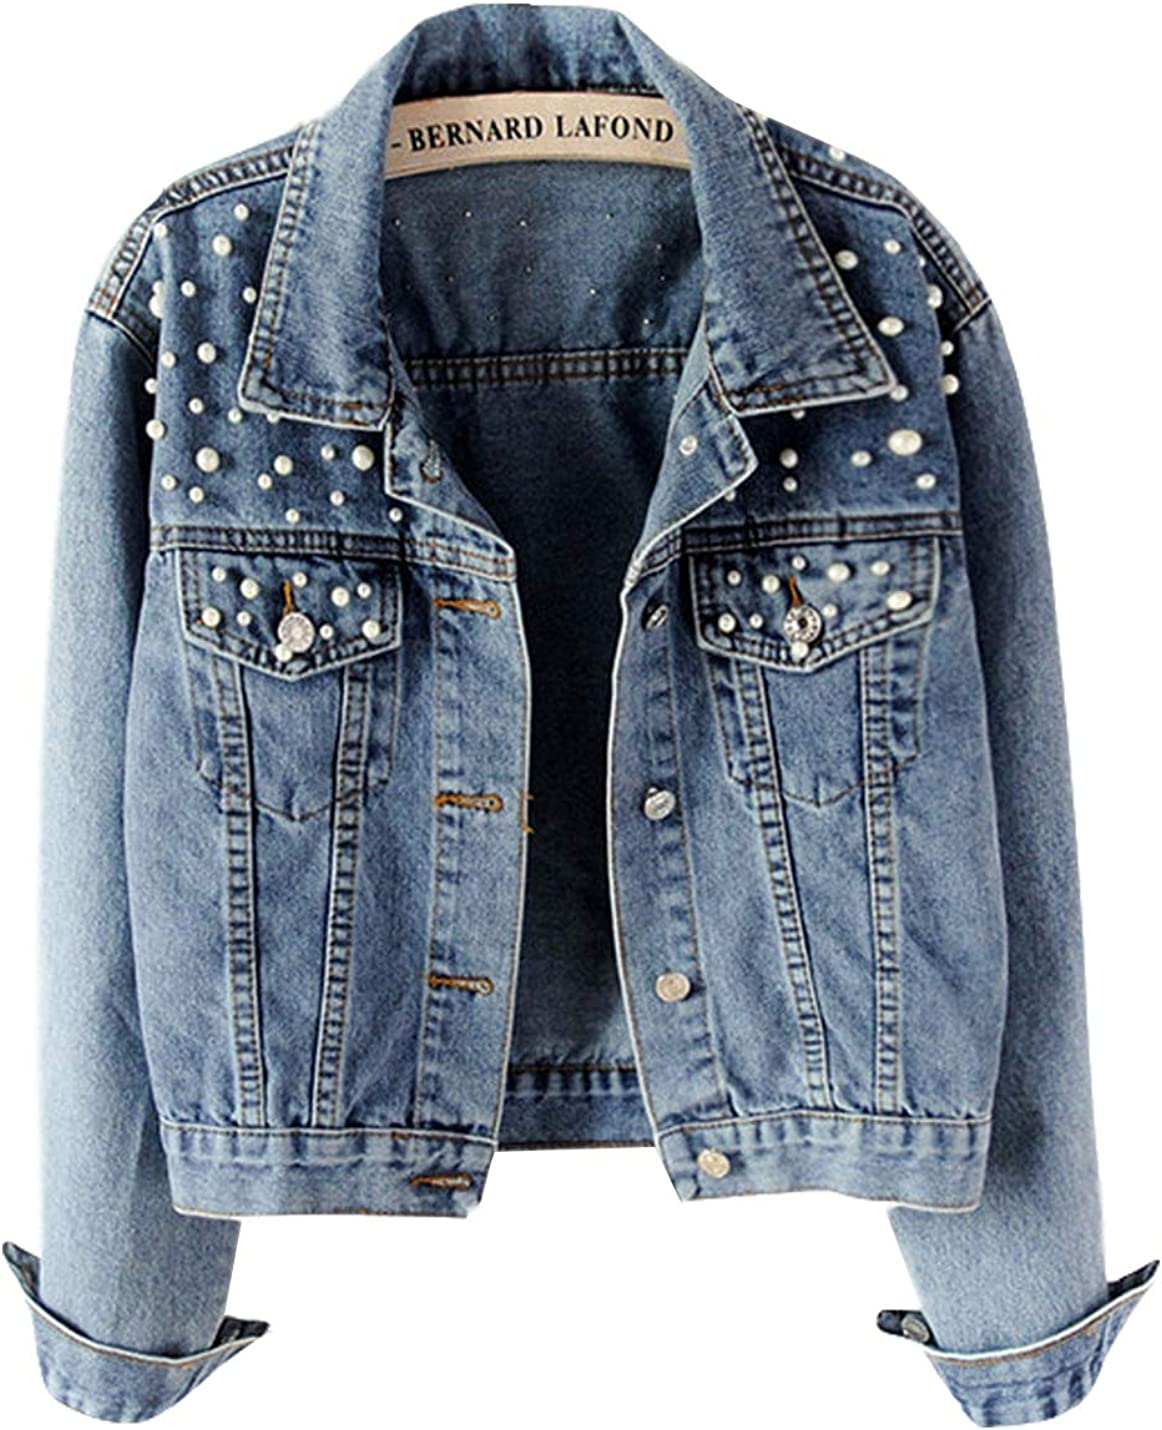 Yimoon Women's Rivet Pearl Short Denim Jacket Long Sleeve Blue Jean Jacket